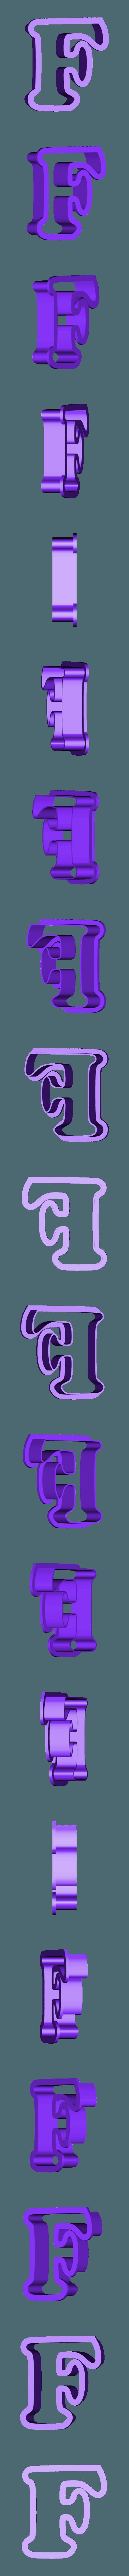 f.stl Download free STL file A-Z alphabet cookie cutter • 3D printer design, BlackSand3DMaker